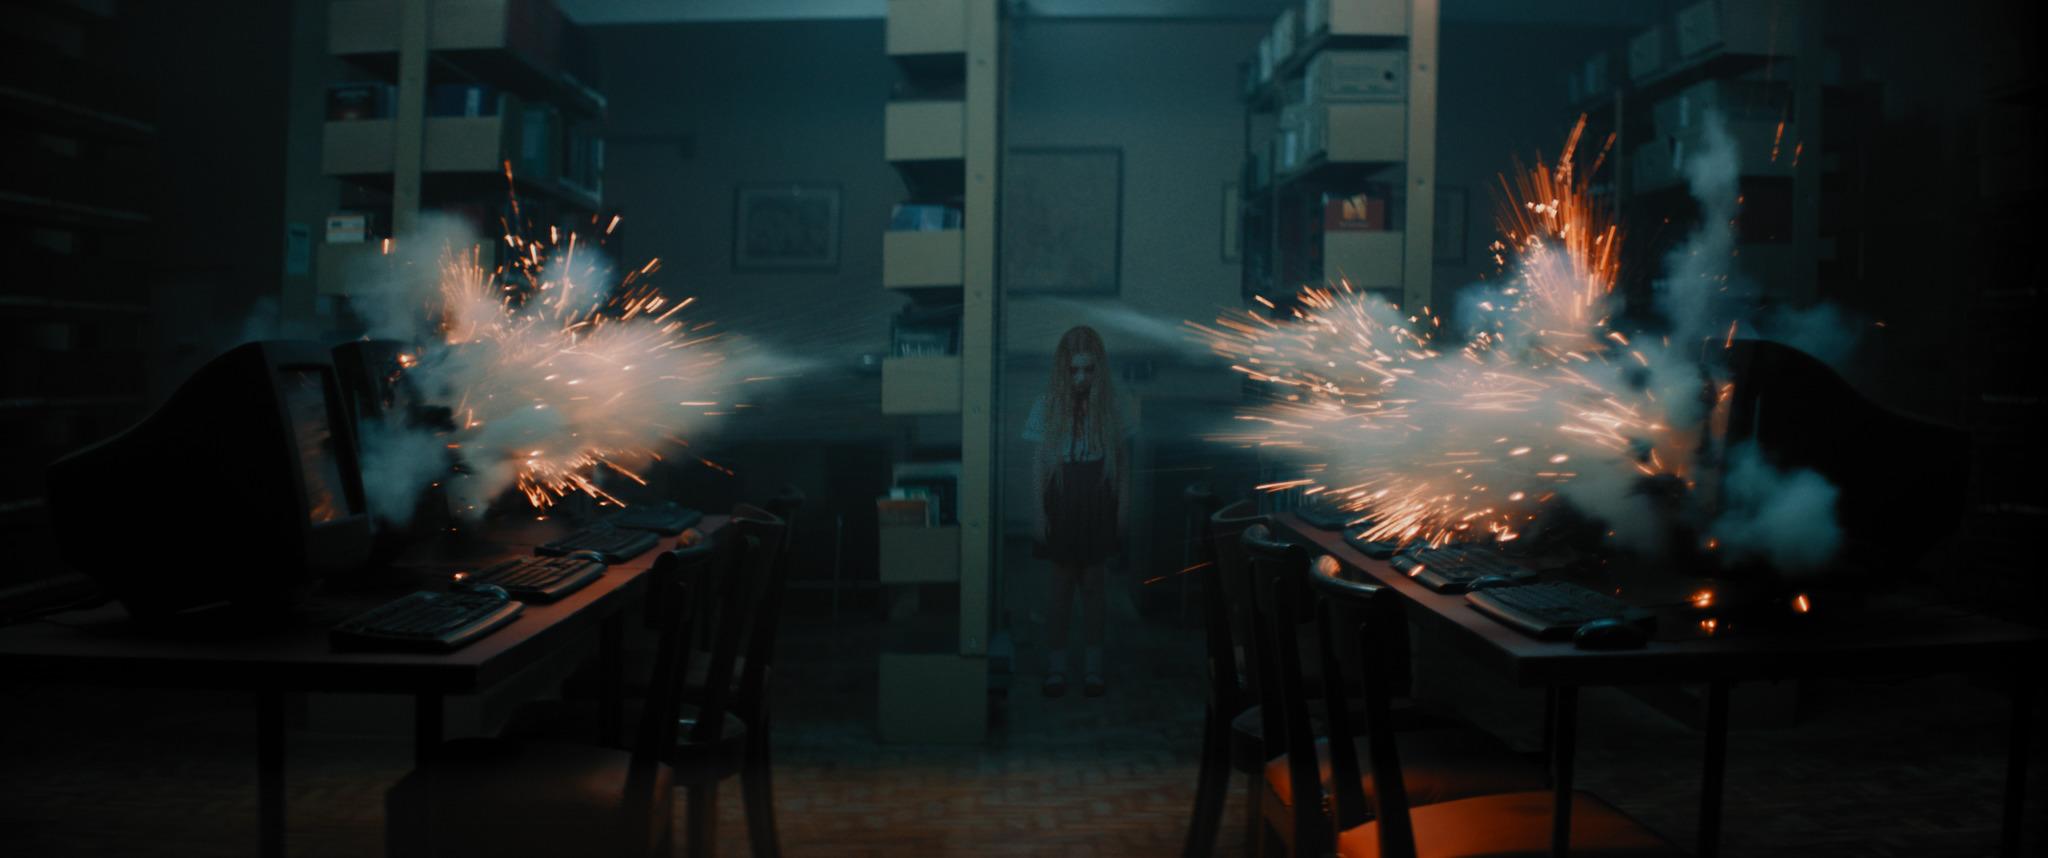 ghost-killers-vs-bloody-mary.jpg